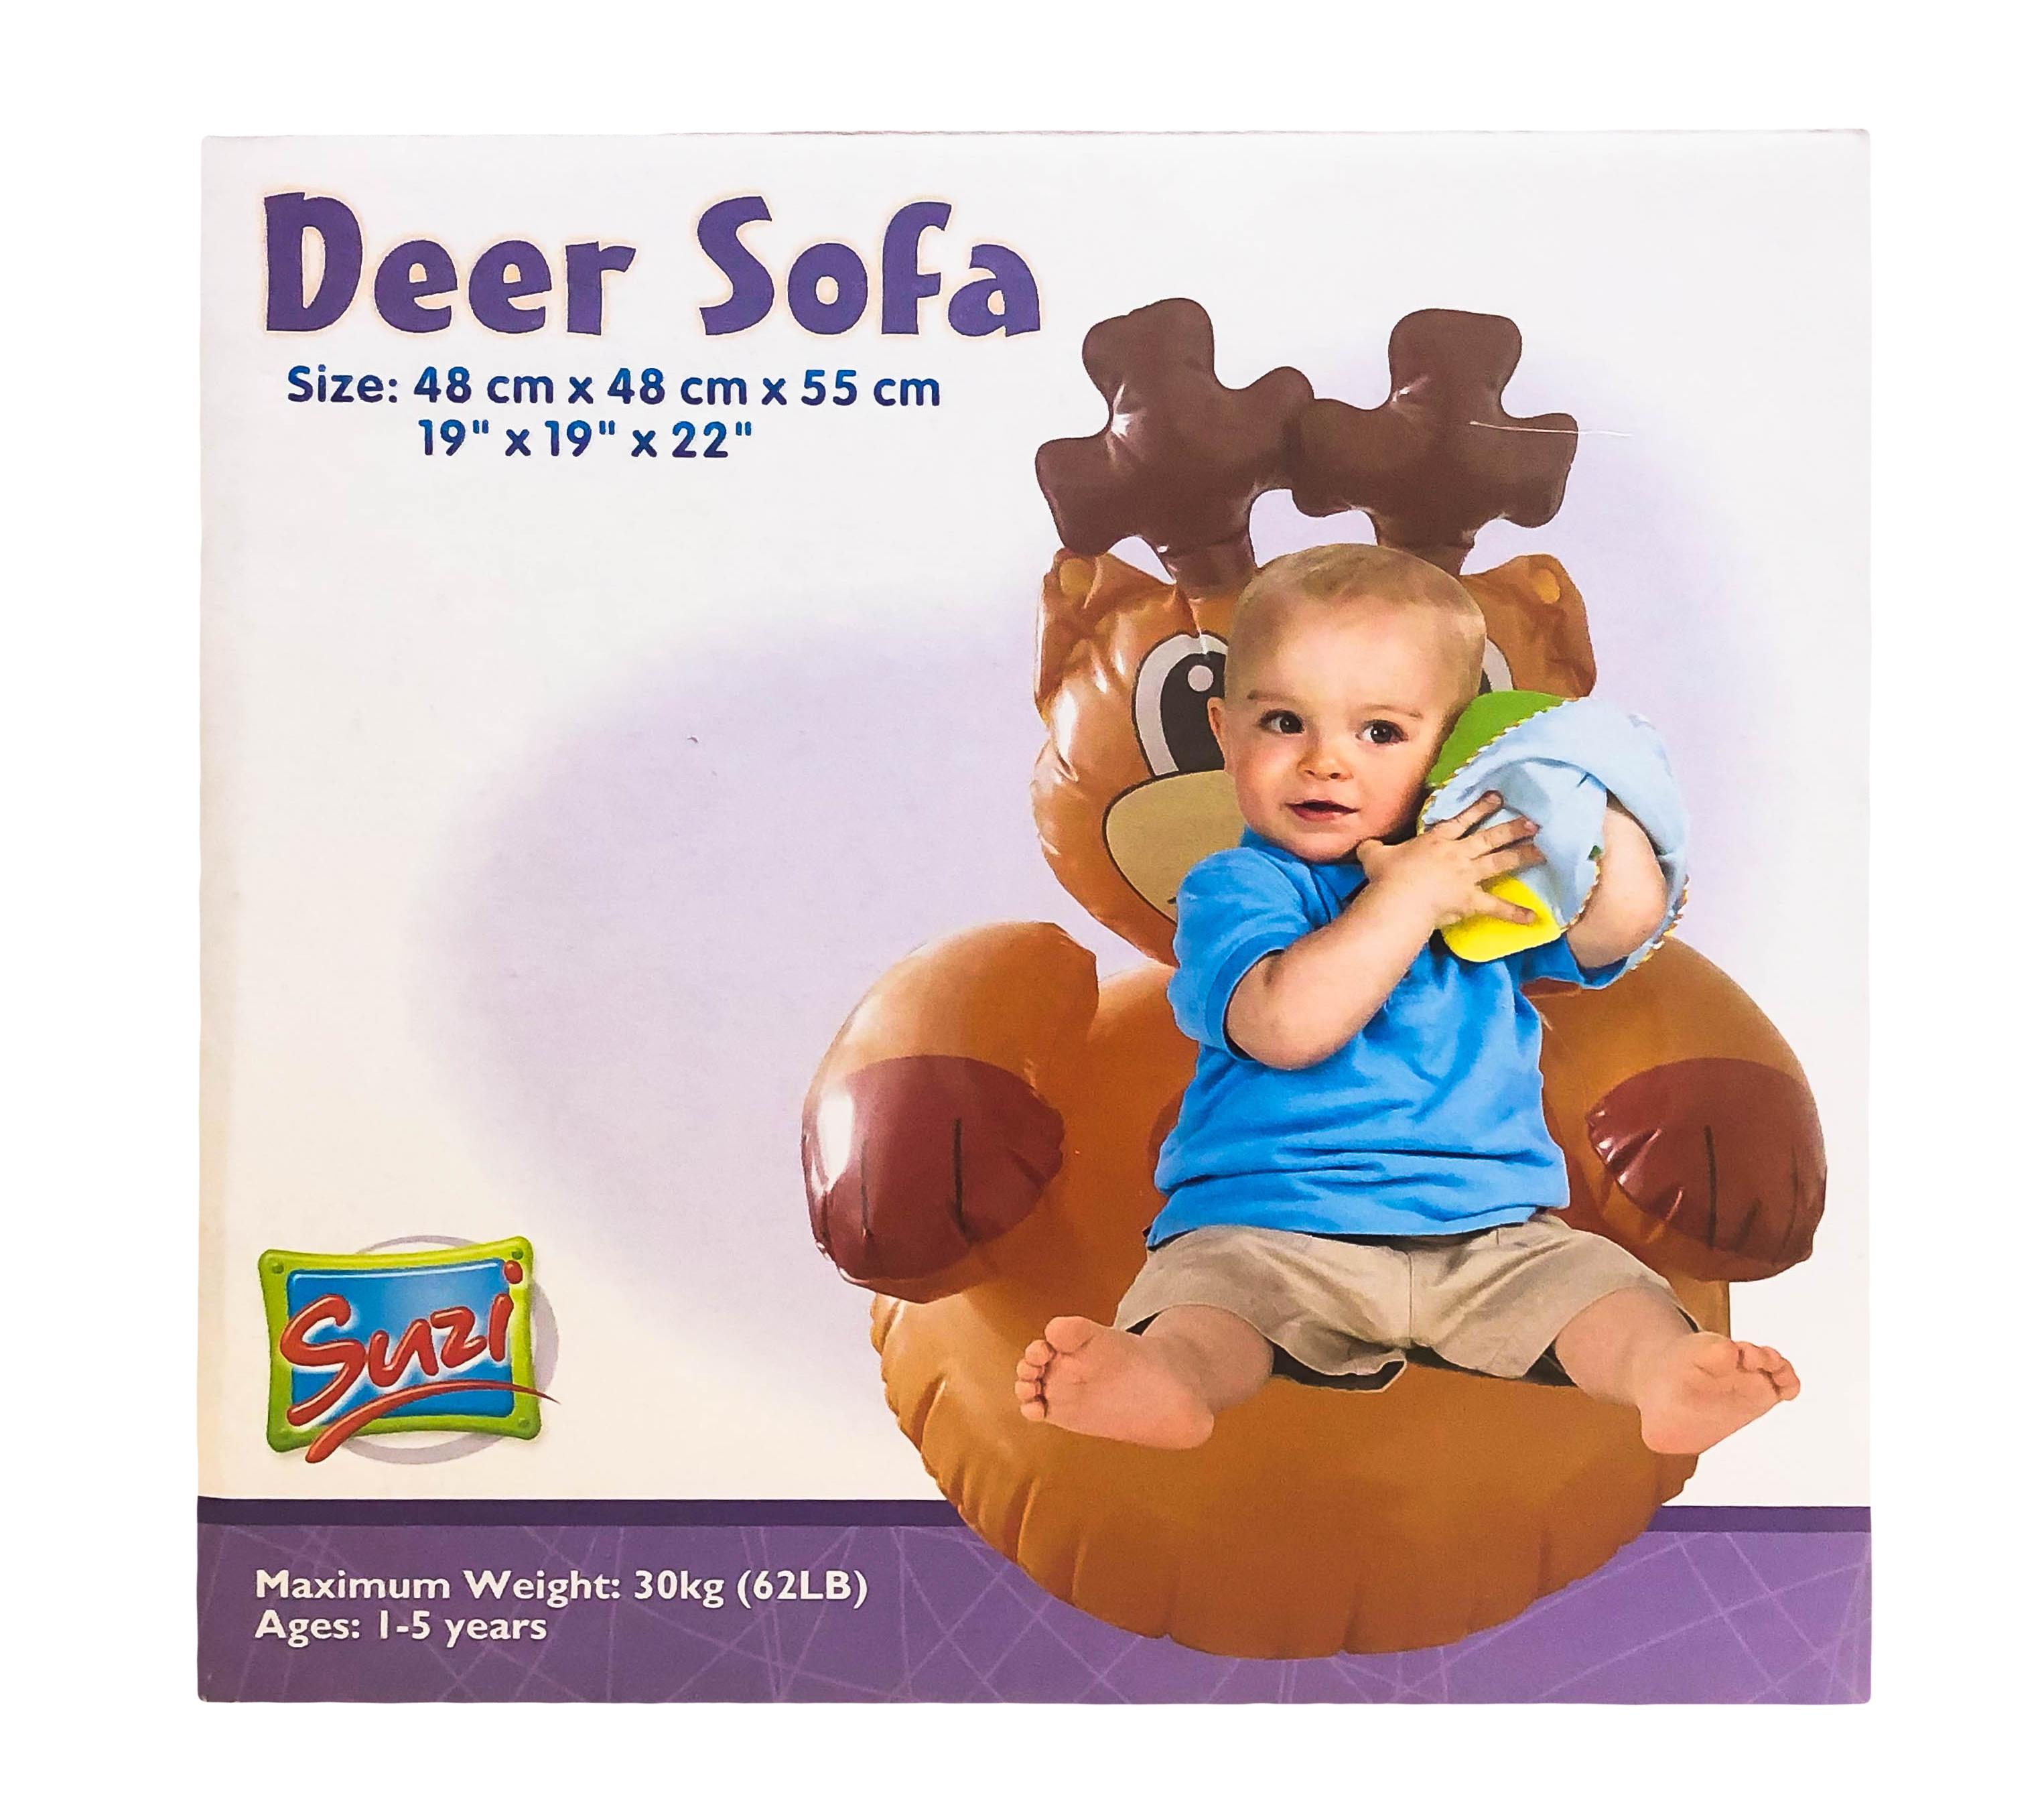 Deer Sofa